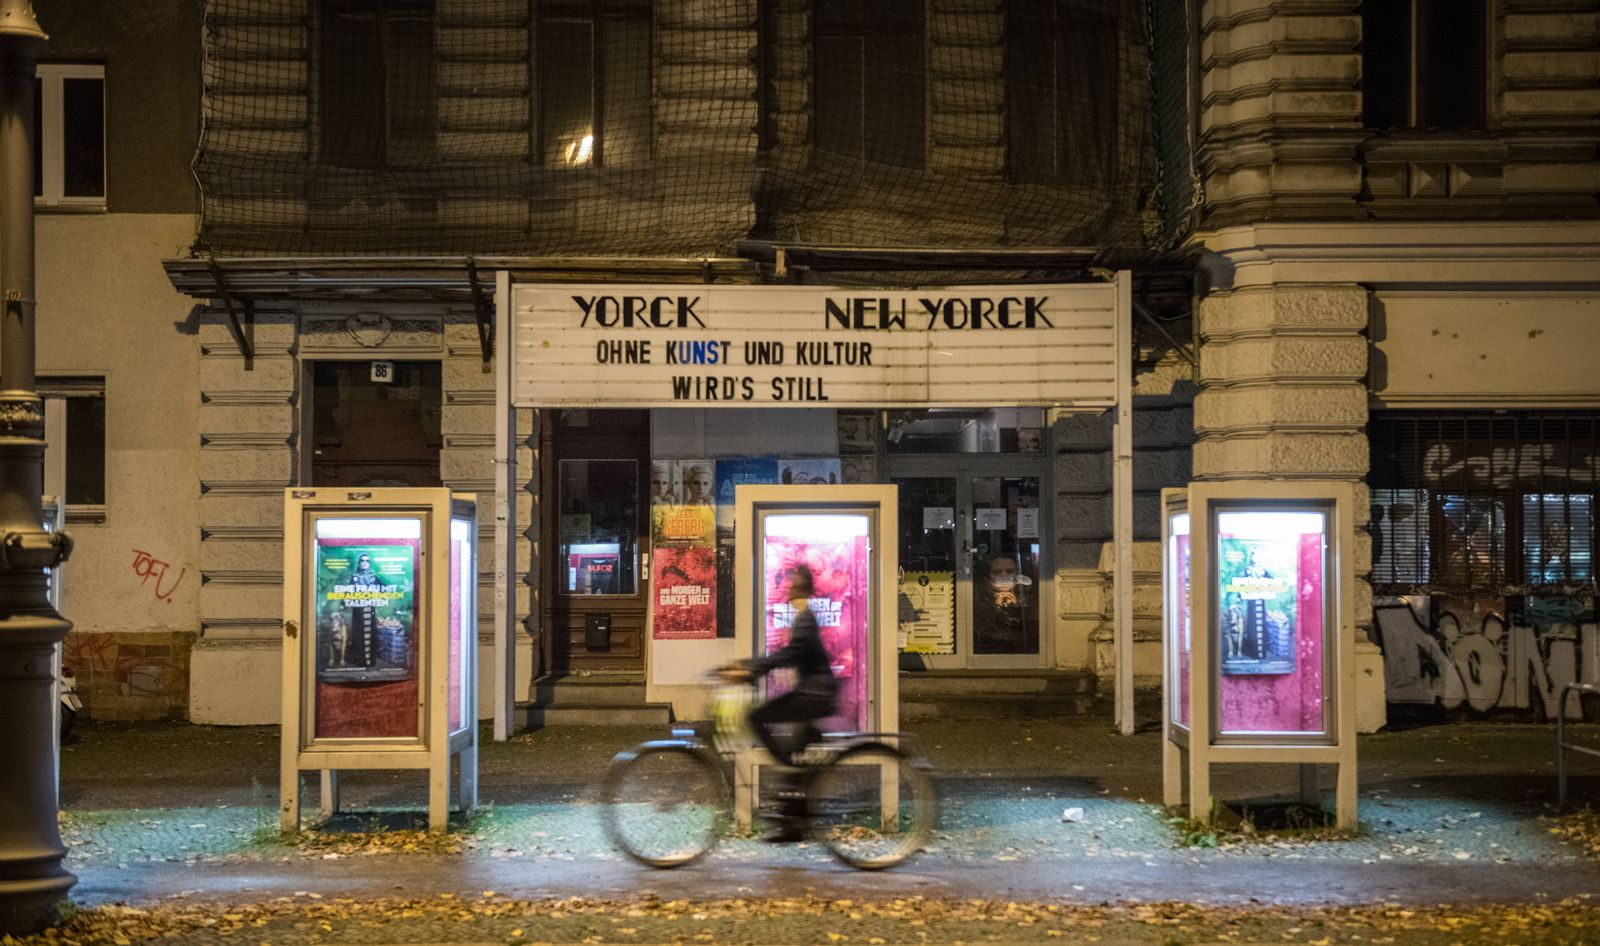 Der Schriftzug Ohne Kunst und Kultur wird s still steht an der Fassade des Yorck Kinos in Berlin Kreuzberg./ Foto: bildg